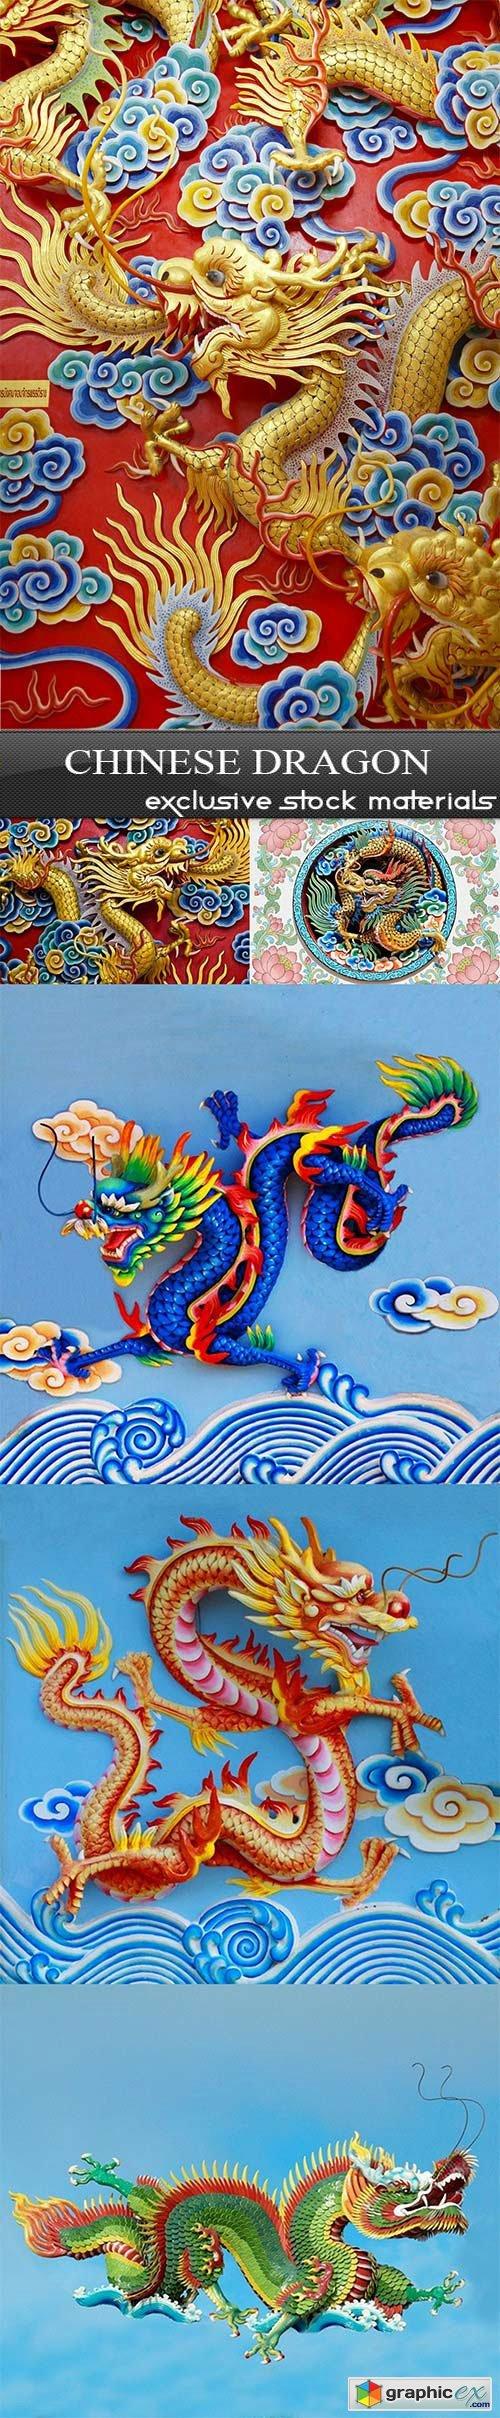 Chinese Dragon - 6 UHQ JPEG